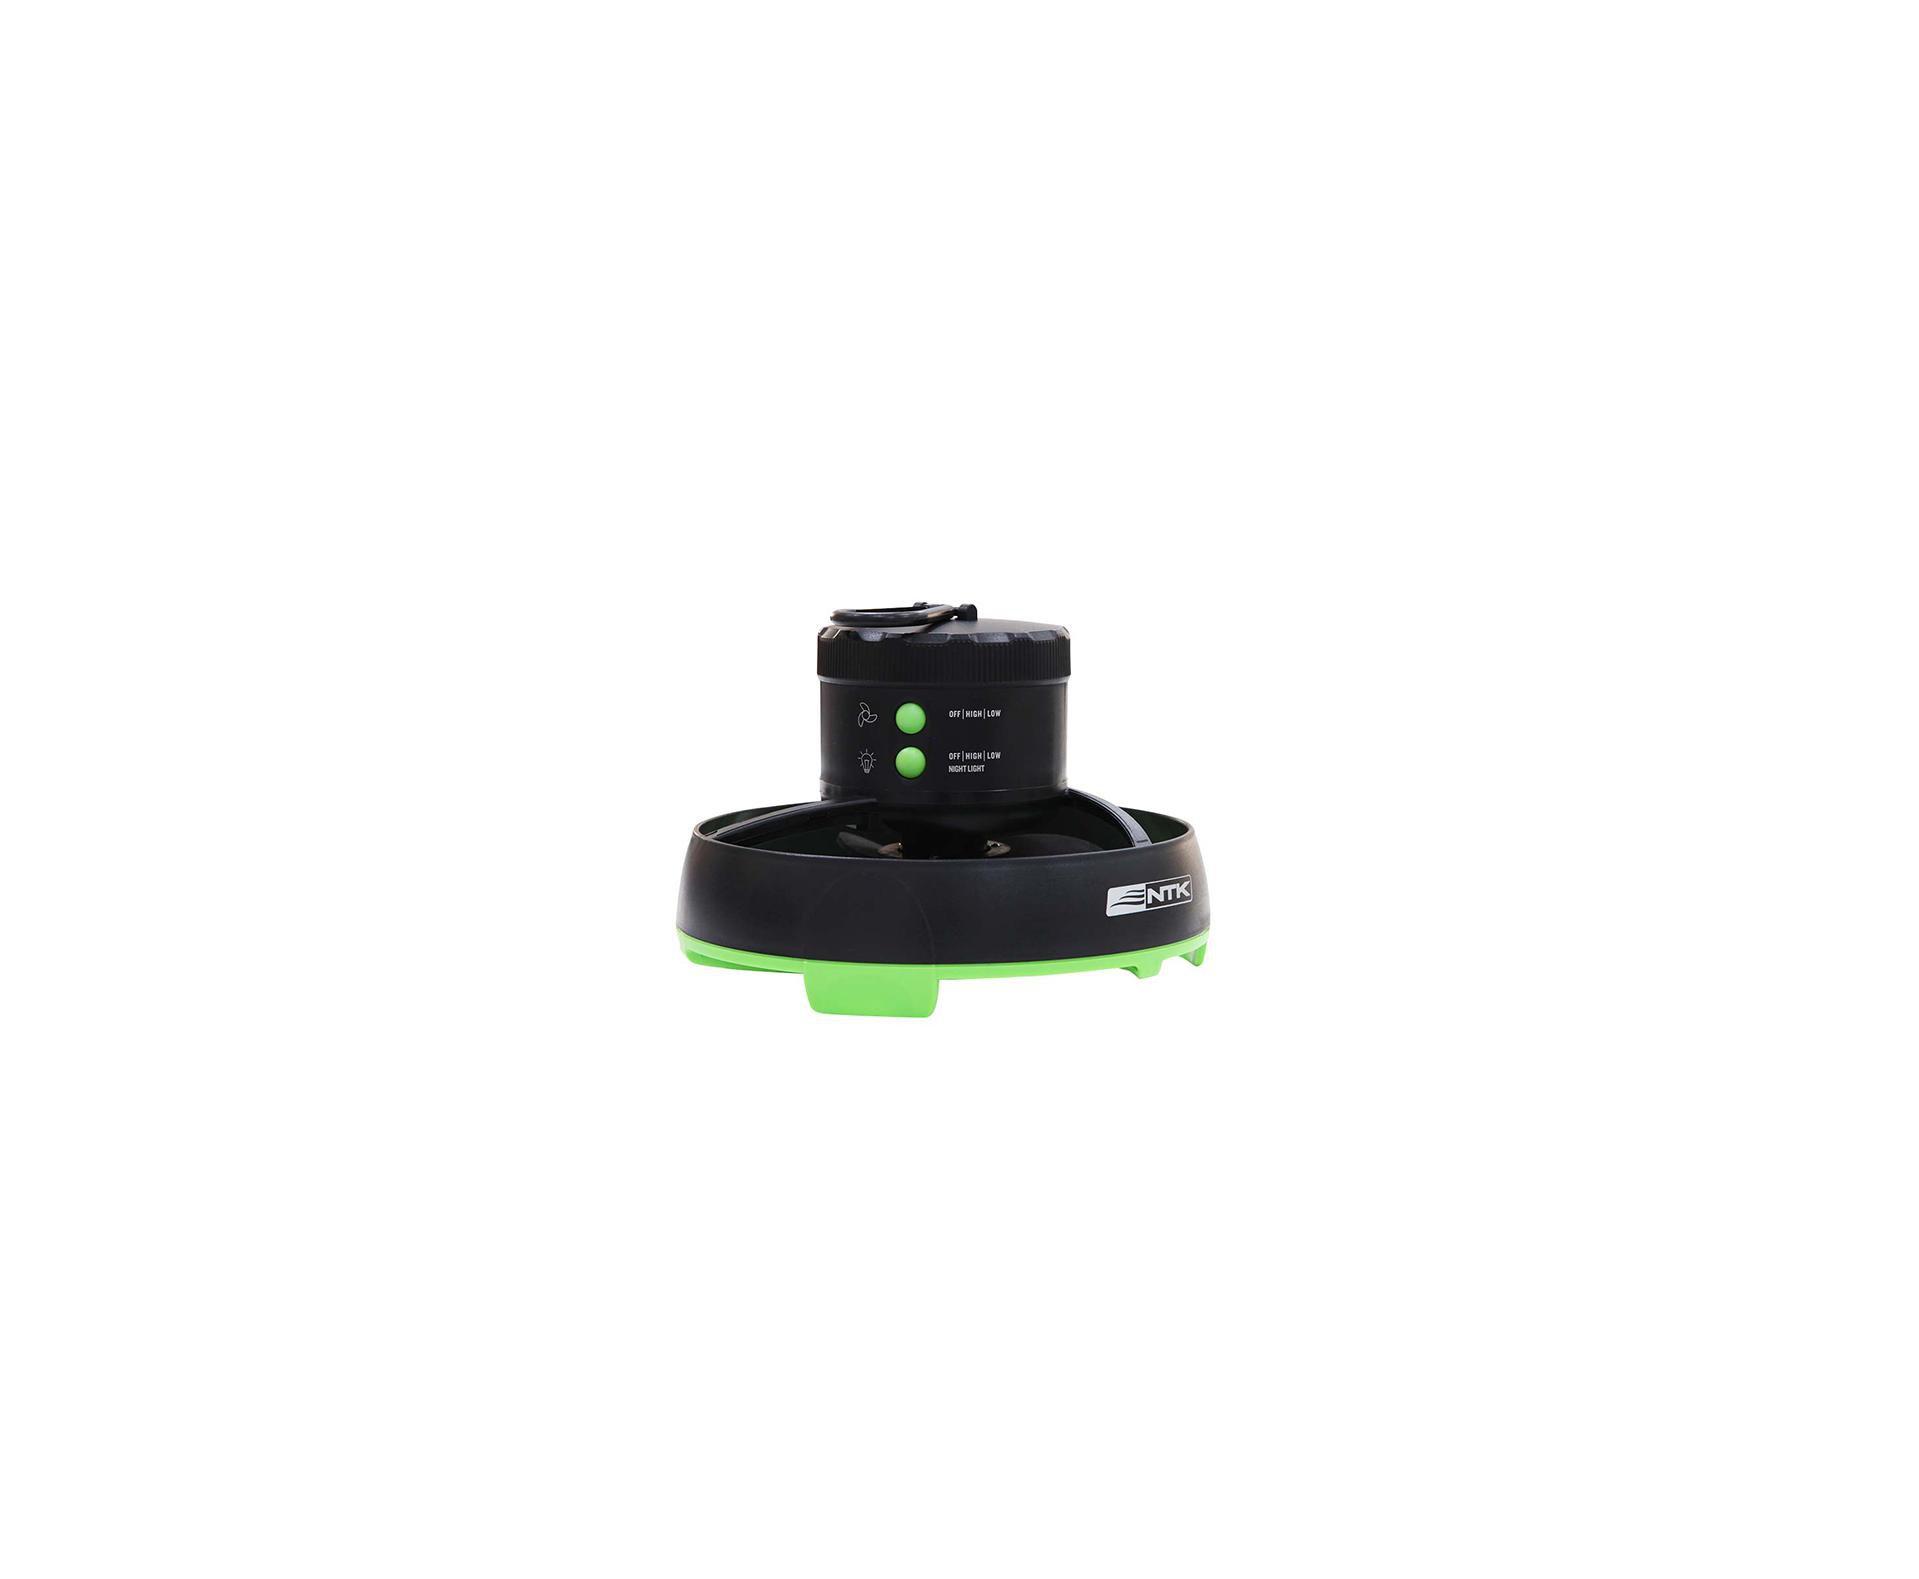 Mini Ventilador Portatil para Barraca com Luminaria - Nautika